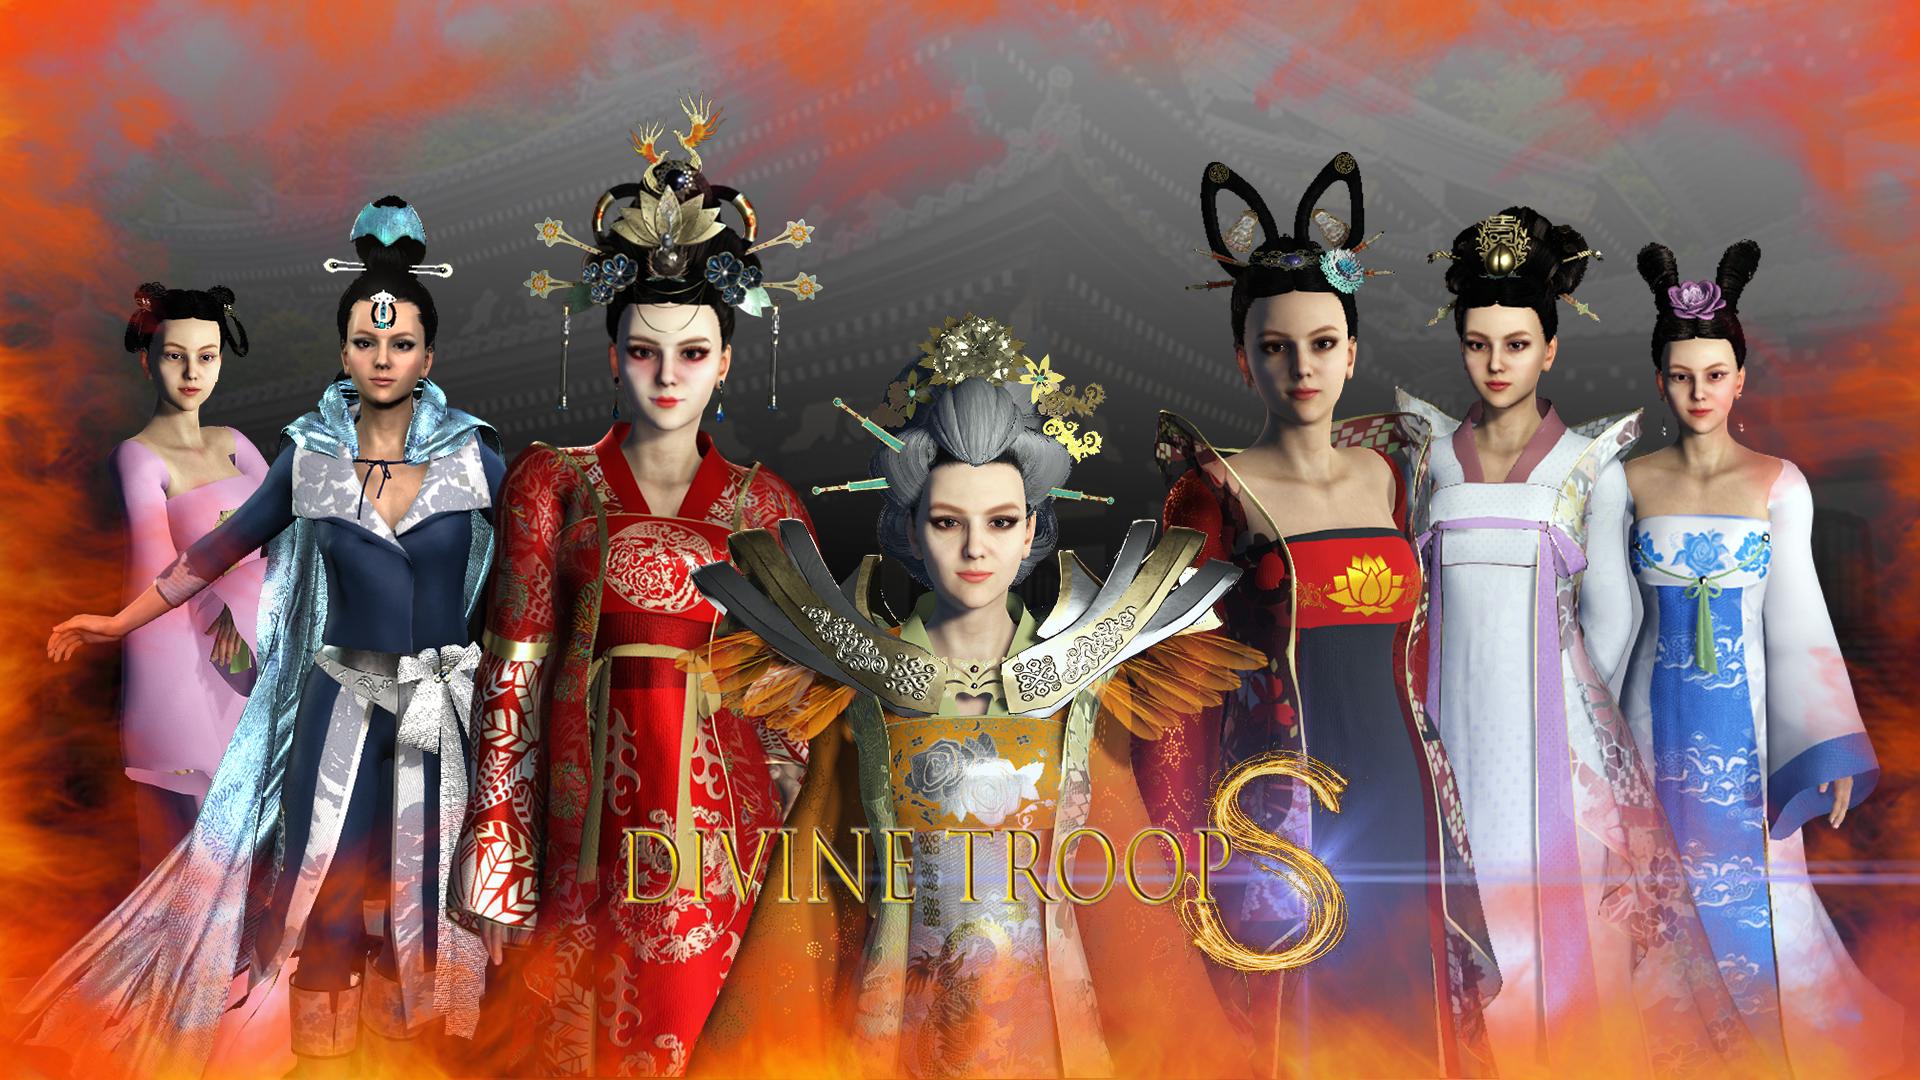 Divine Troop Super  Model03-Poster